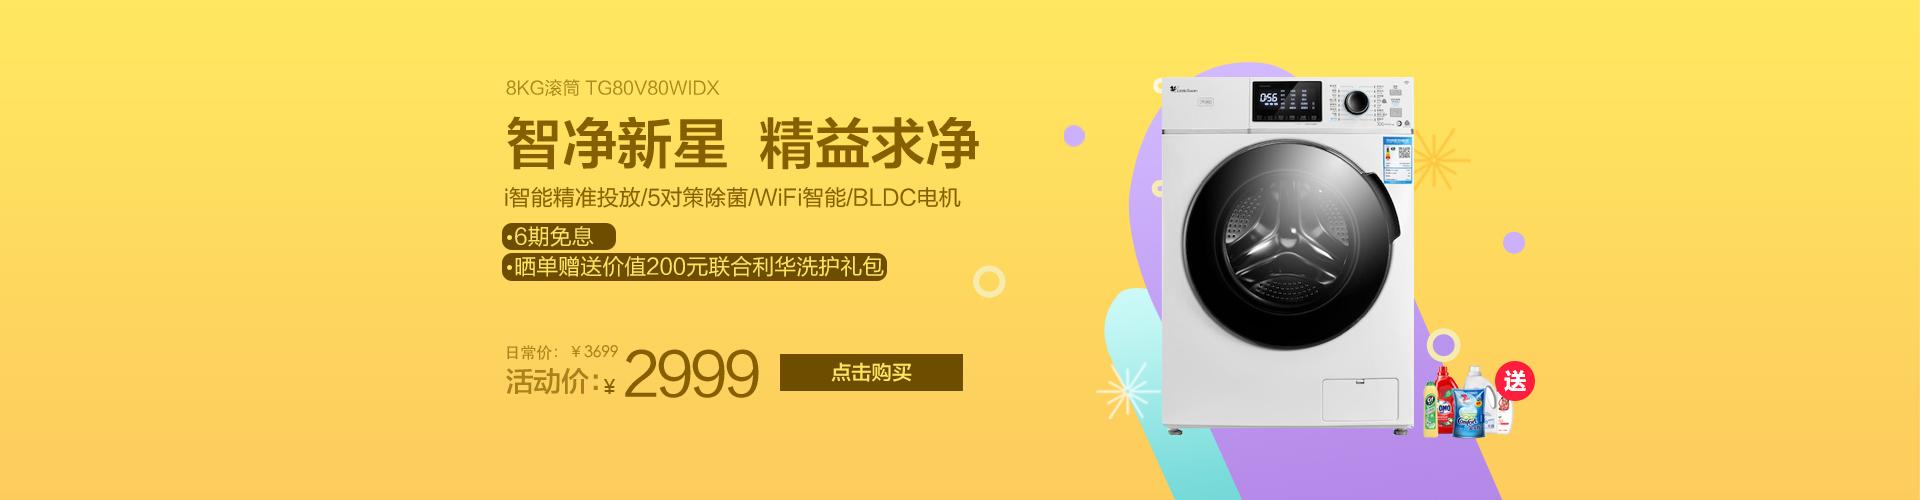 8公斤变频滚筒洗衣机 TG80V80WIDX